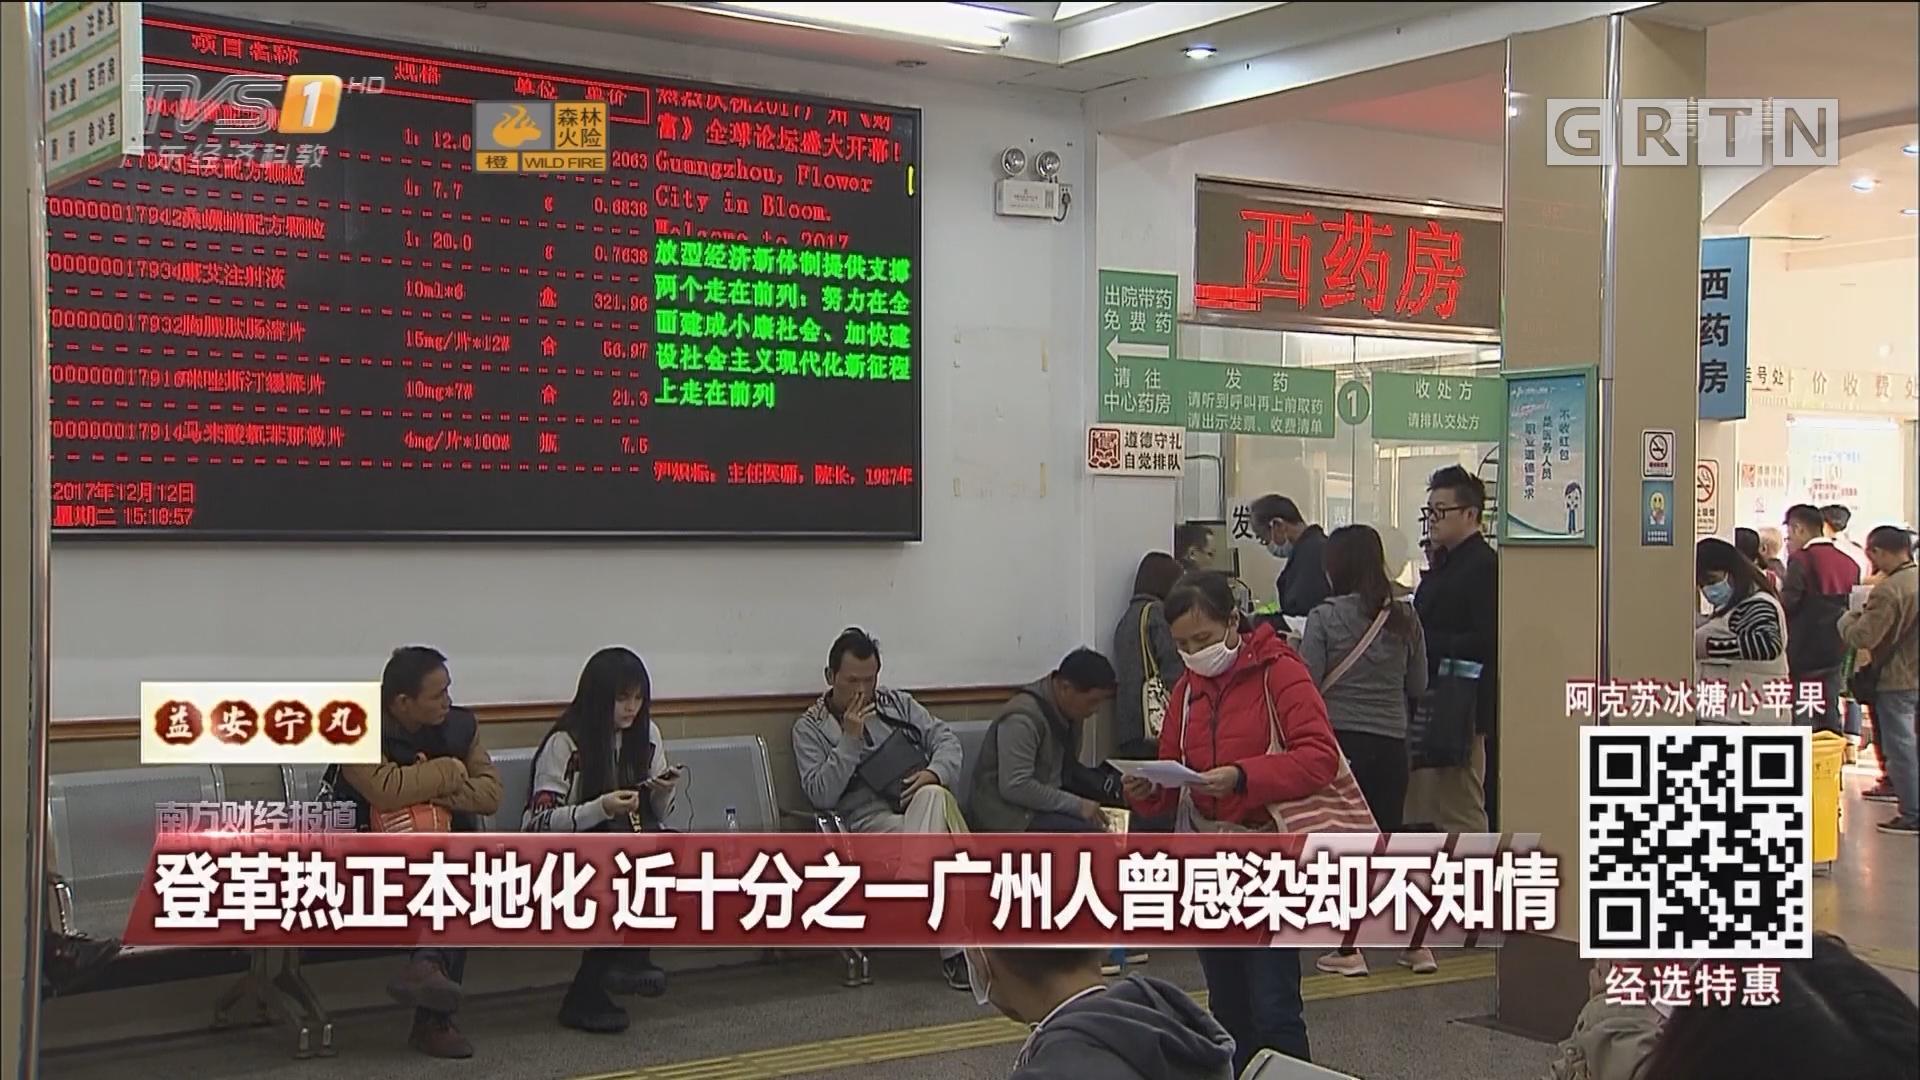 登革热正本地化 近十分之一广州人曾感染却不知情